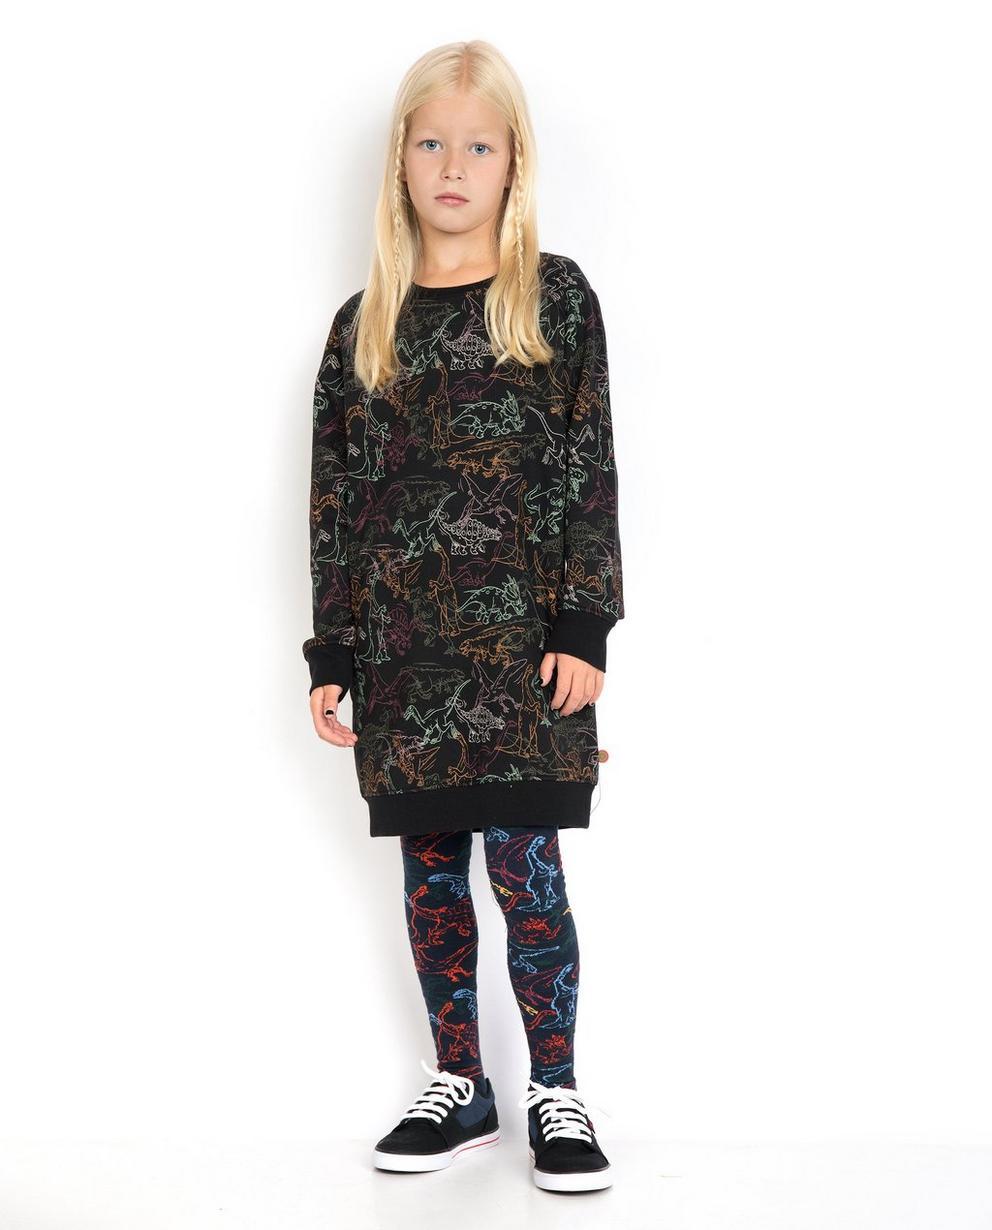 Sweatshirt mit Print - ZulupaPUWA - Unisex - ZulupaPUWA